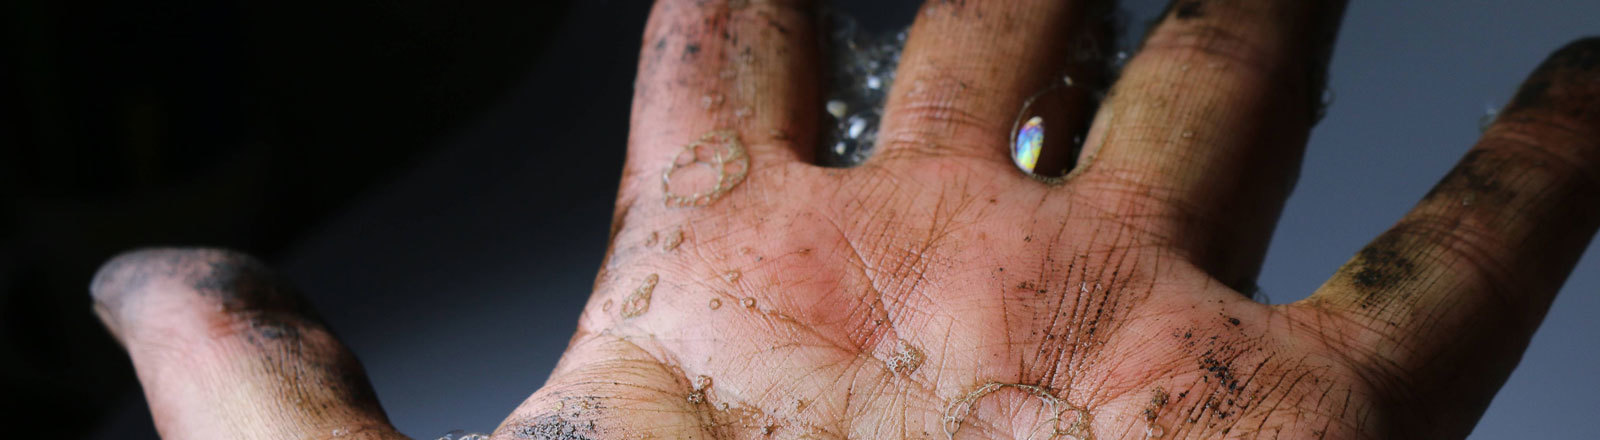 Schmutzige Hand mit Seife